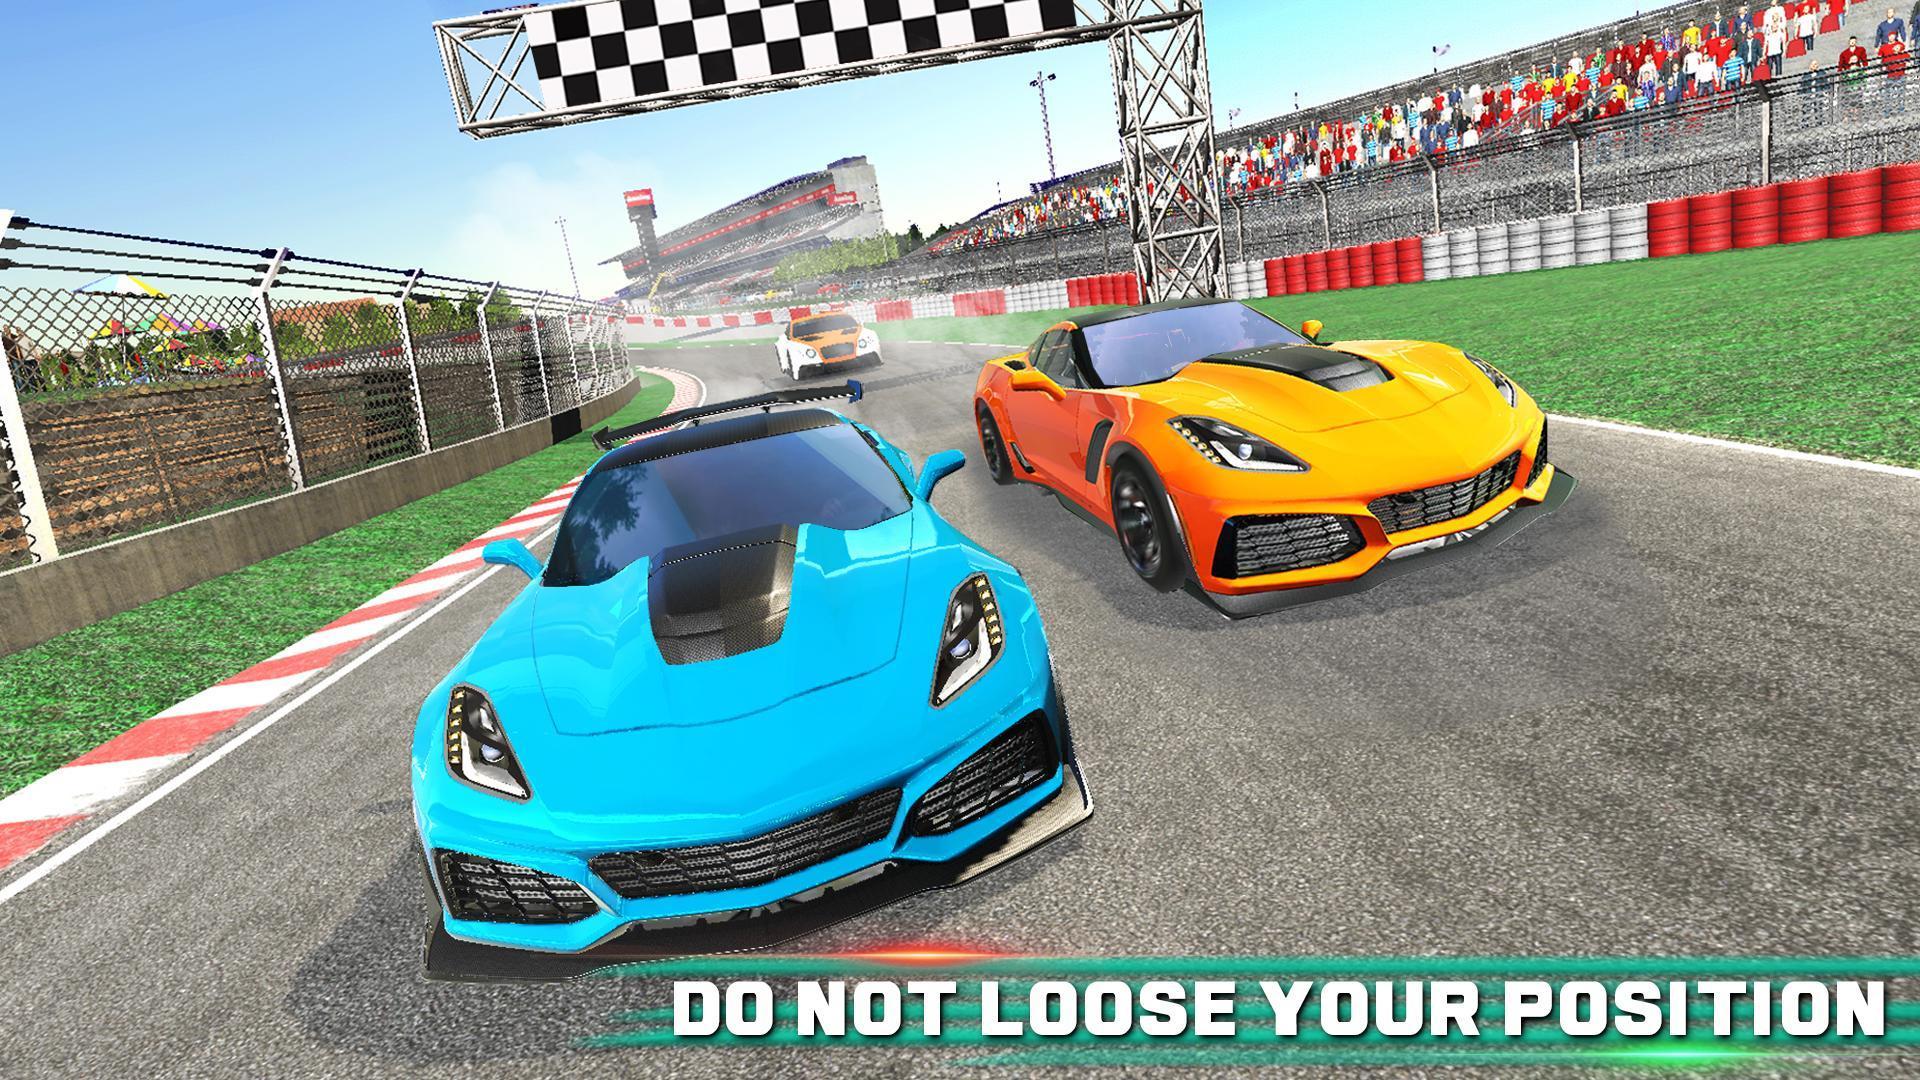 Jeux De Course Extreme 3D Voiture: Course De Voitu Pour encequiconcerne Jeu De Dedans